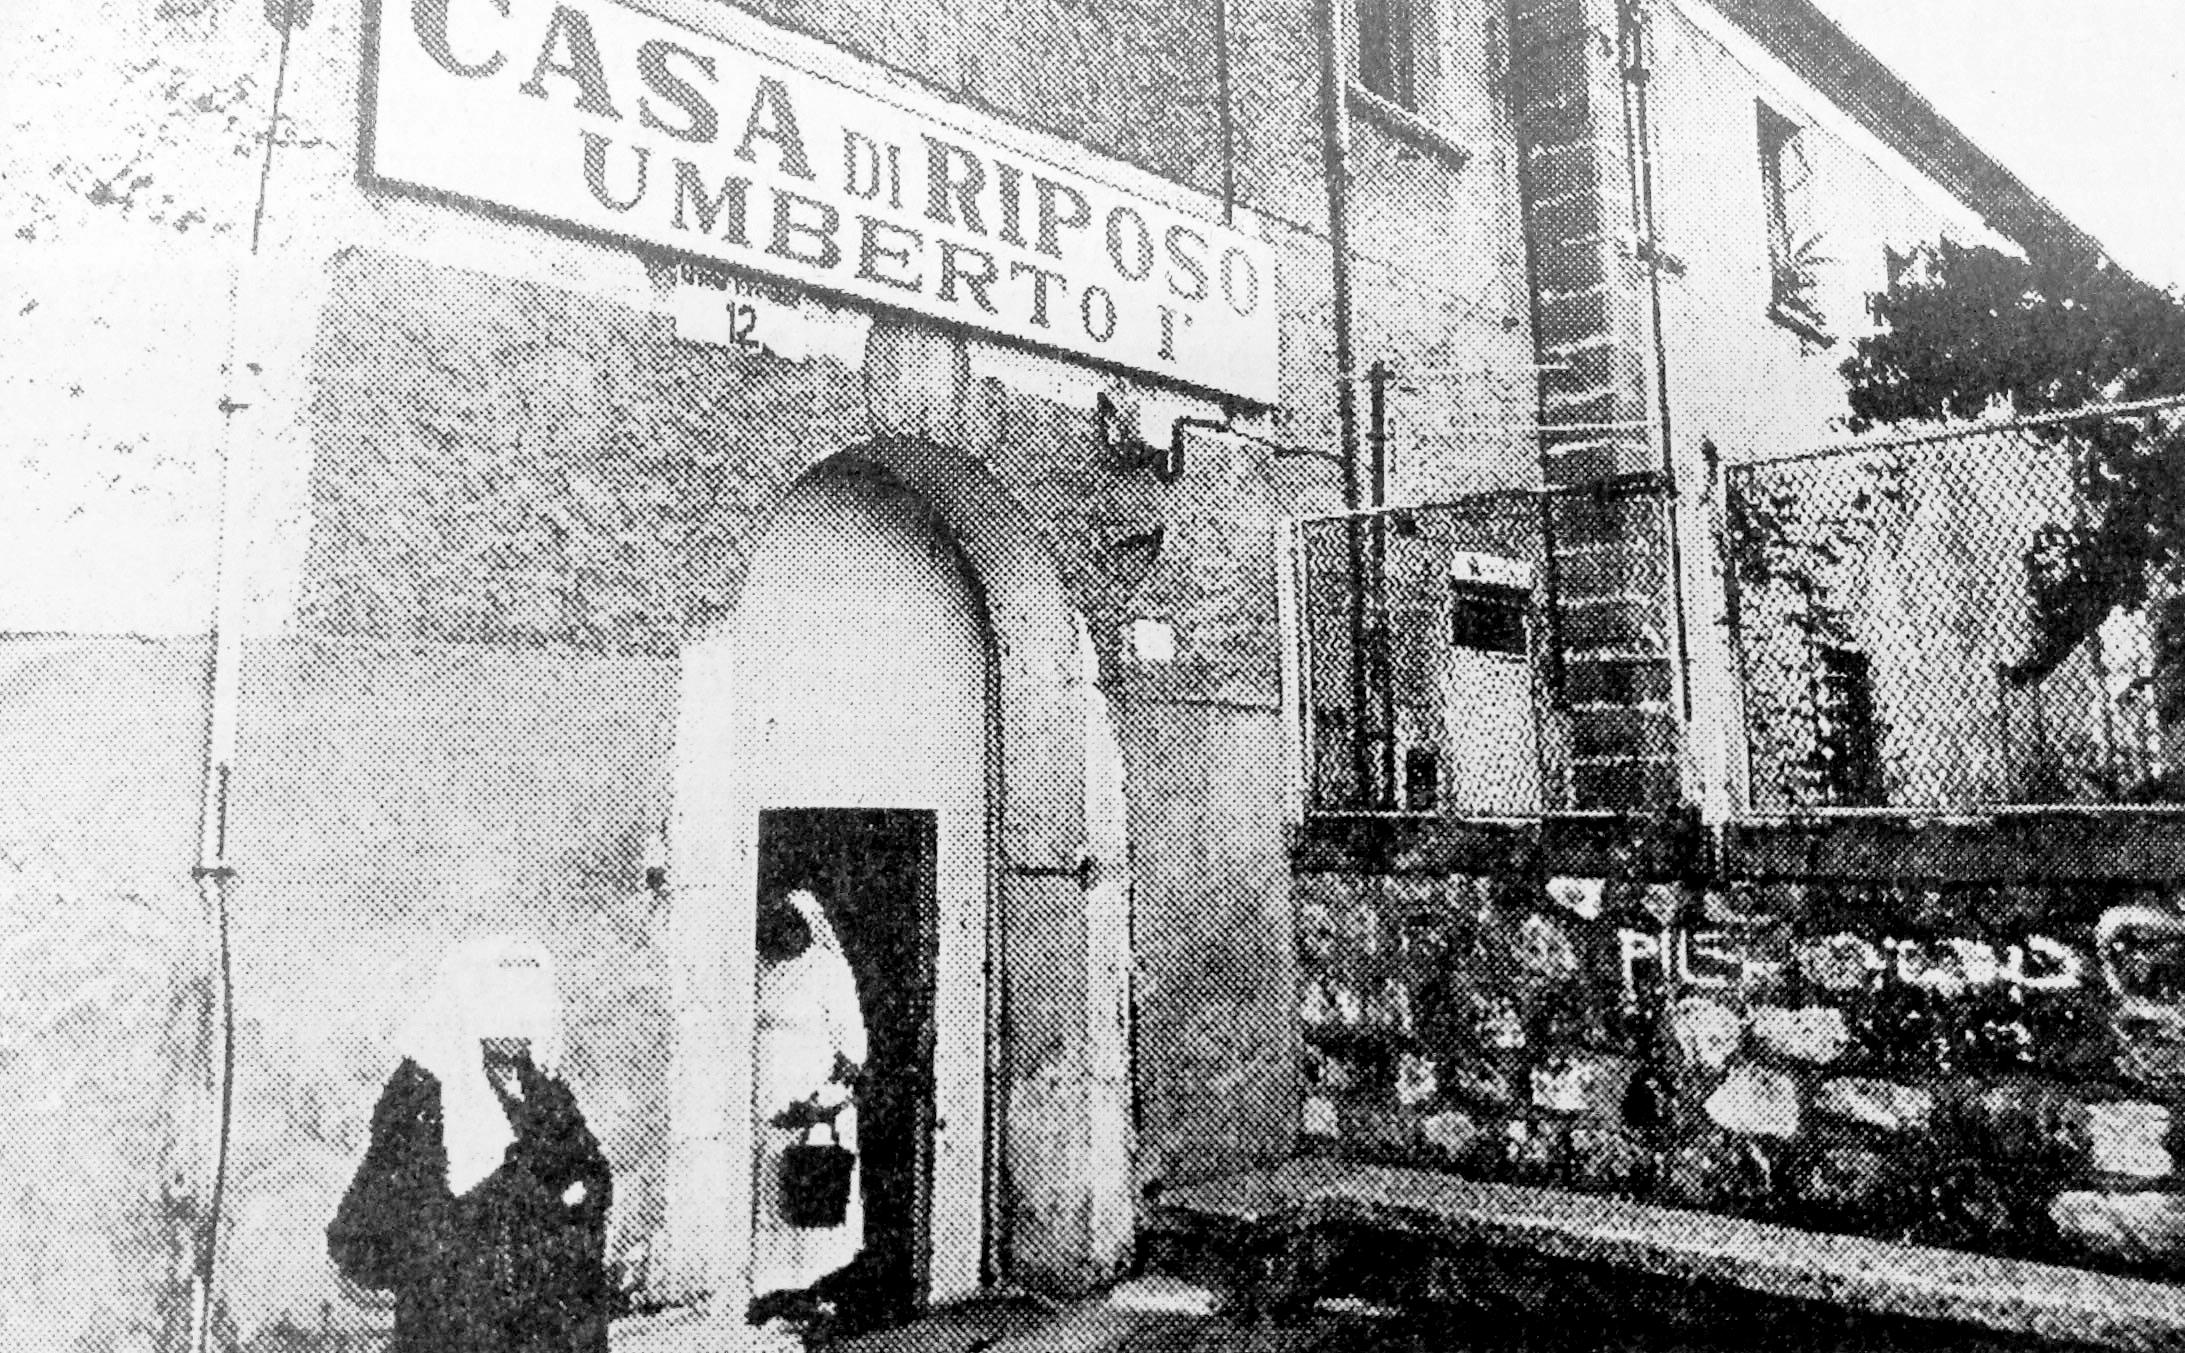 foto archivio Gazzetta del Sud emeroteca biblioteca civica